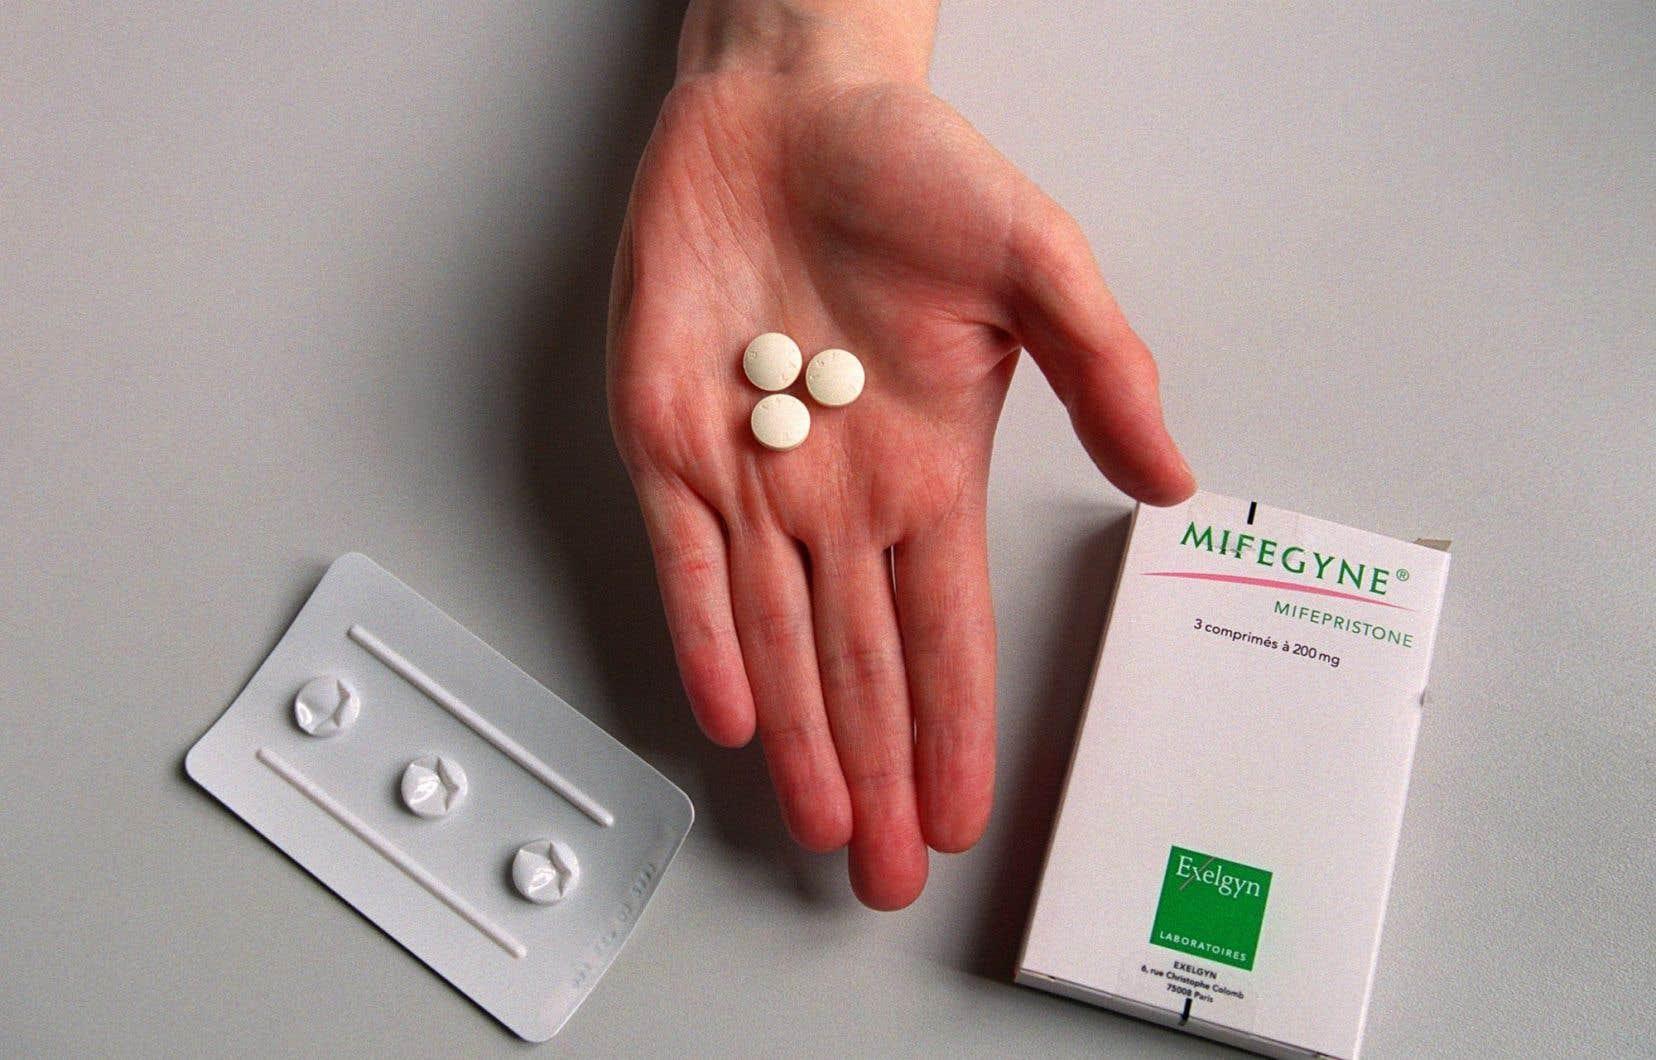 Pilule abortive, vendue sous le nom de Mifégyne en Europe